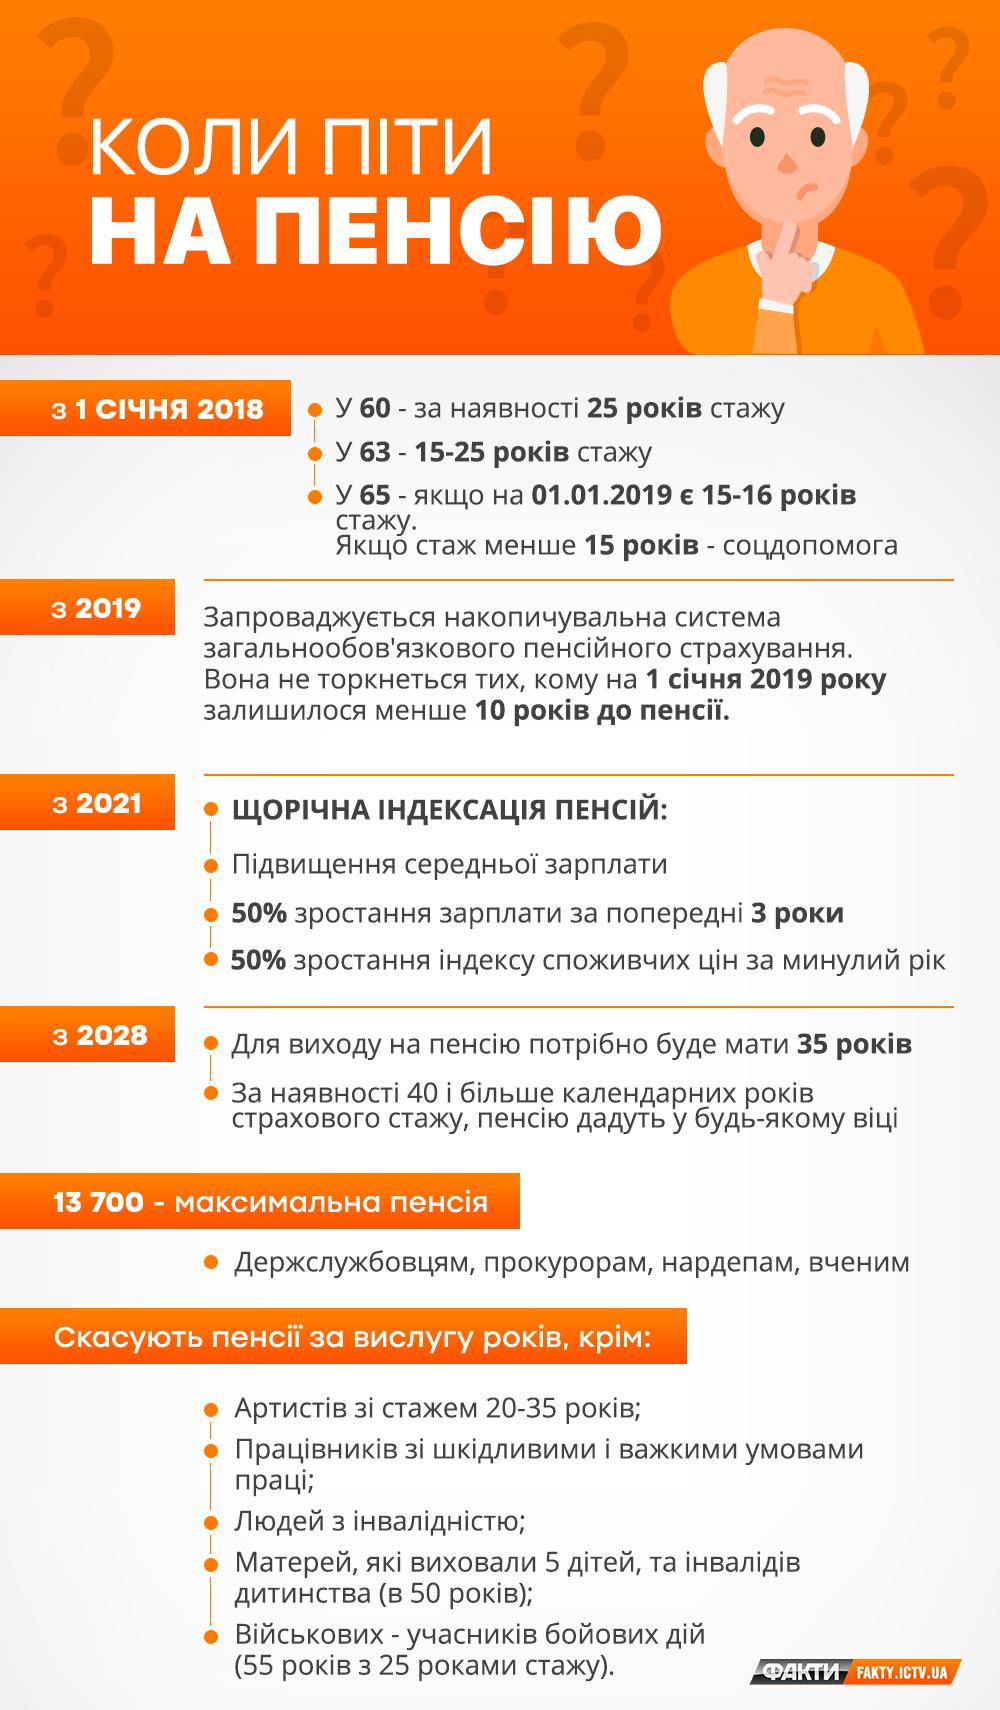 Пенсионная реформа. Последние новости изменения пенсии, Пенсионной системы, пенсионного законодательства 20.03.2019